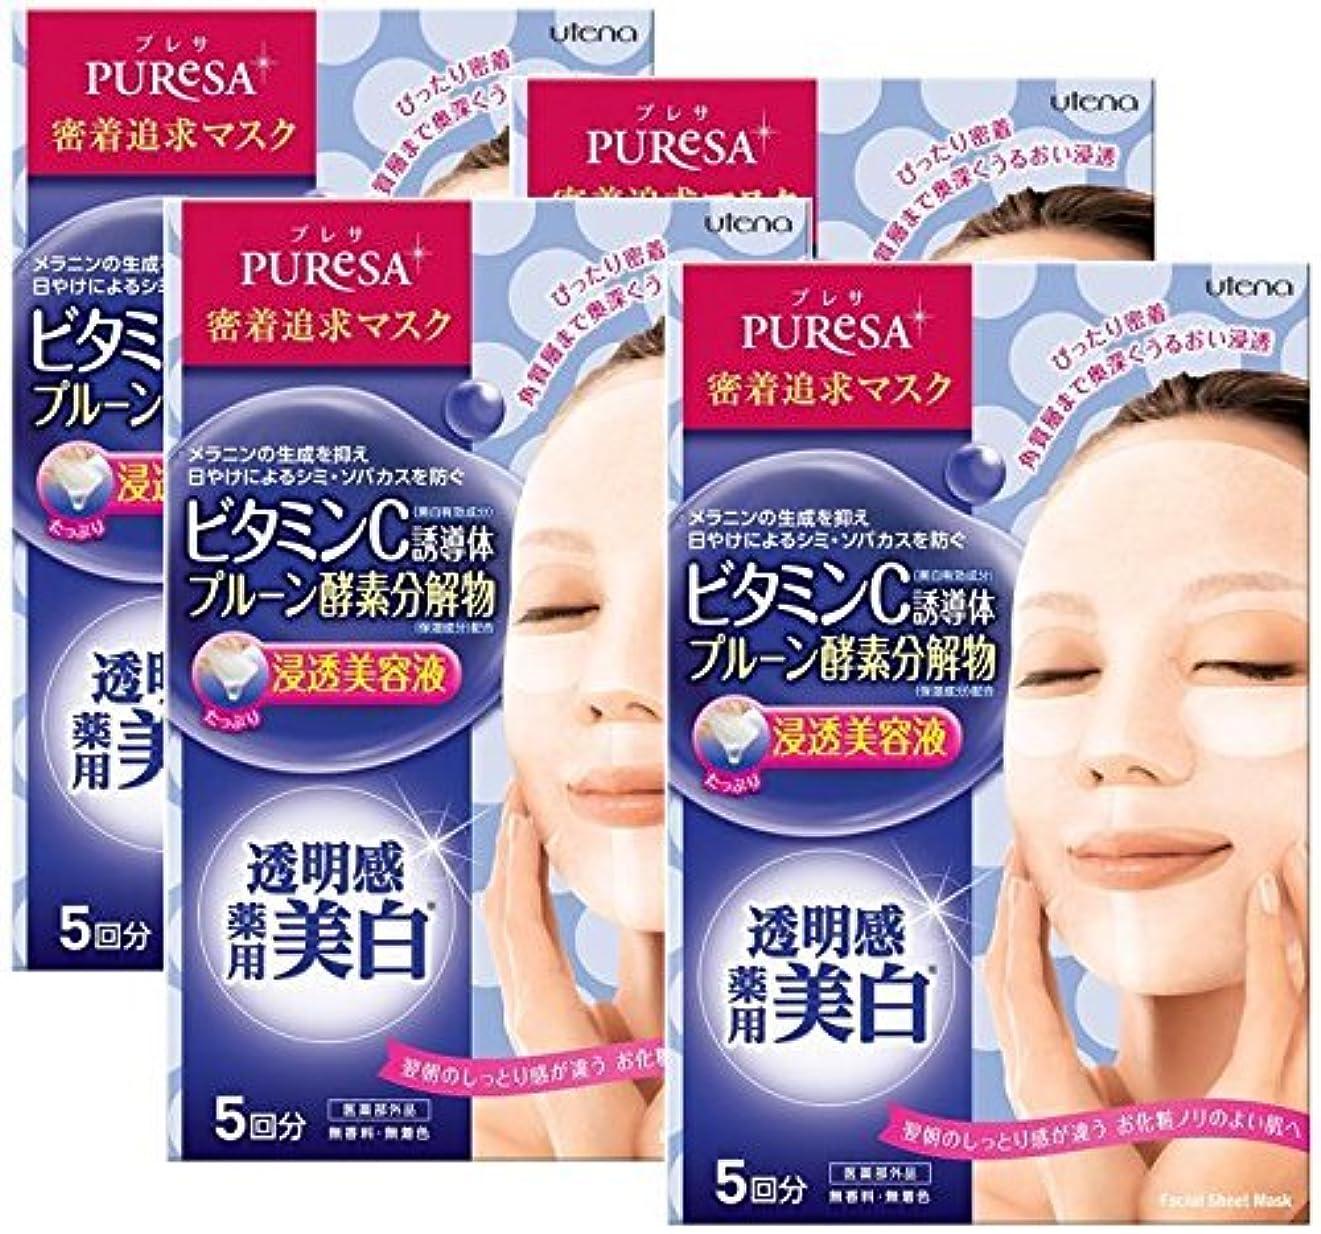 クラウン石鹸契約したプレサ シートマスク ビタミンC 15ml×5枚入×4個セット